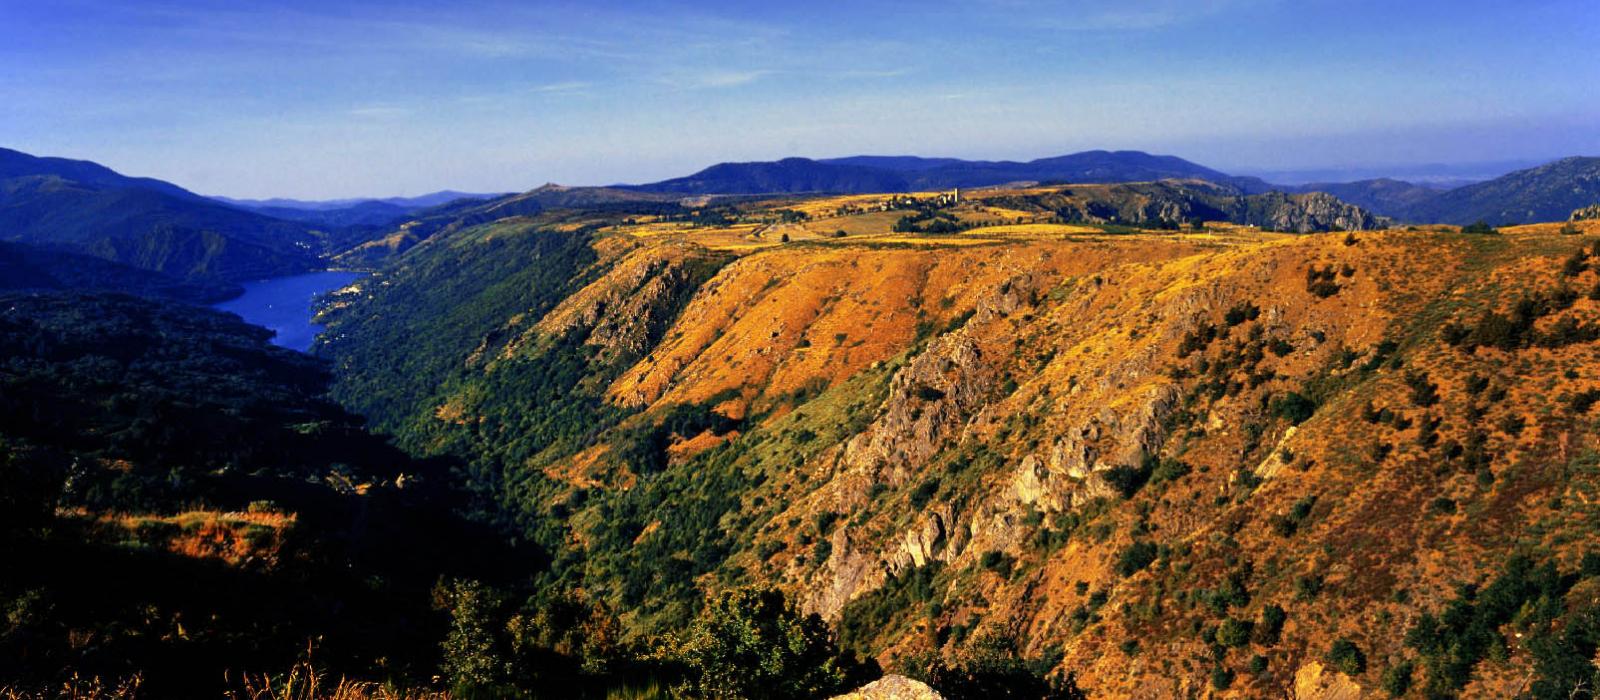 Saint-Guilhem-le-Désert, Gorges de l'Hérault